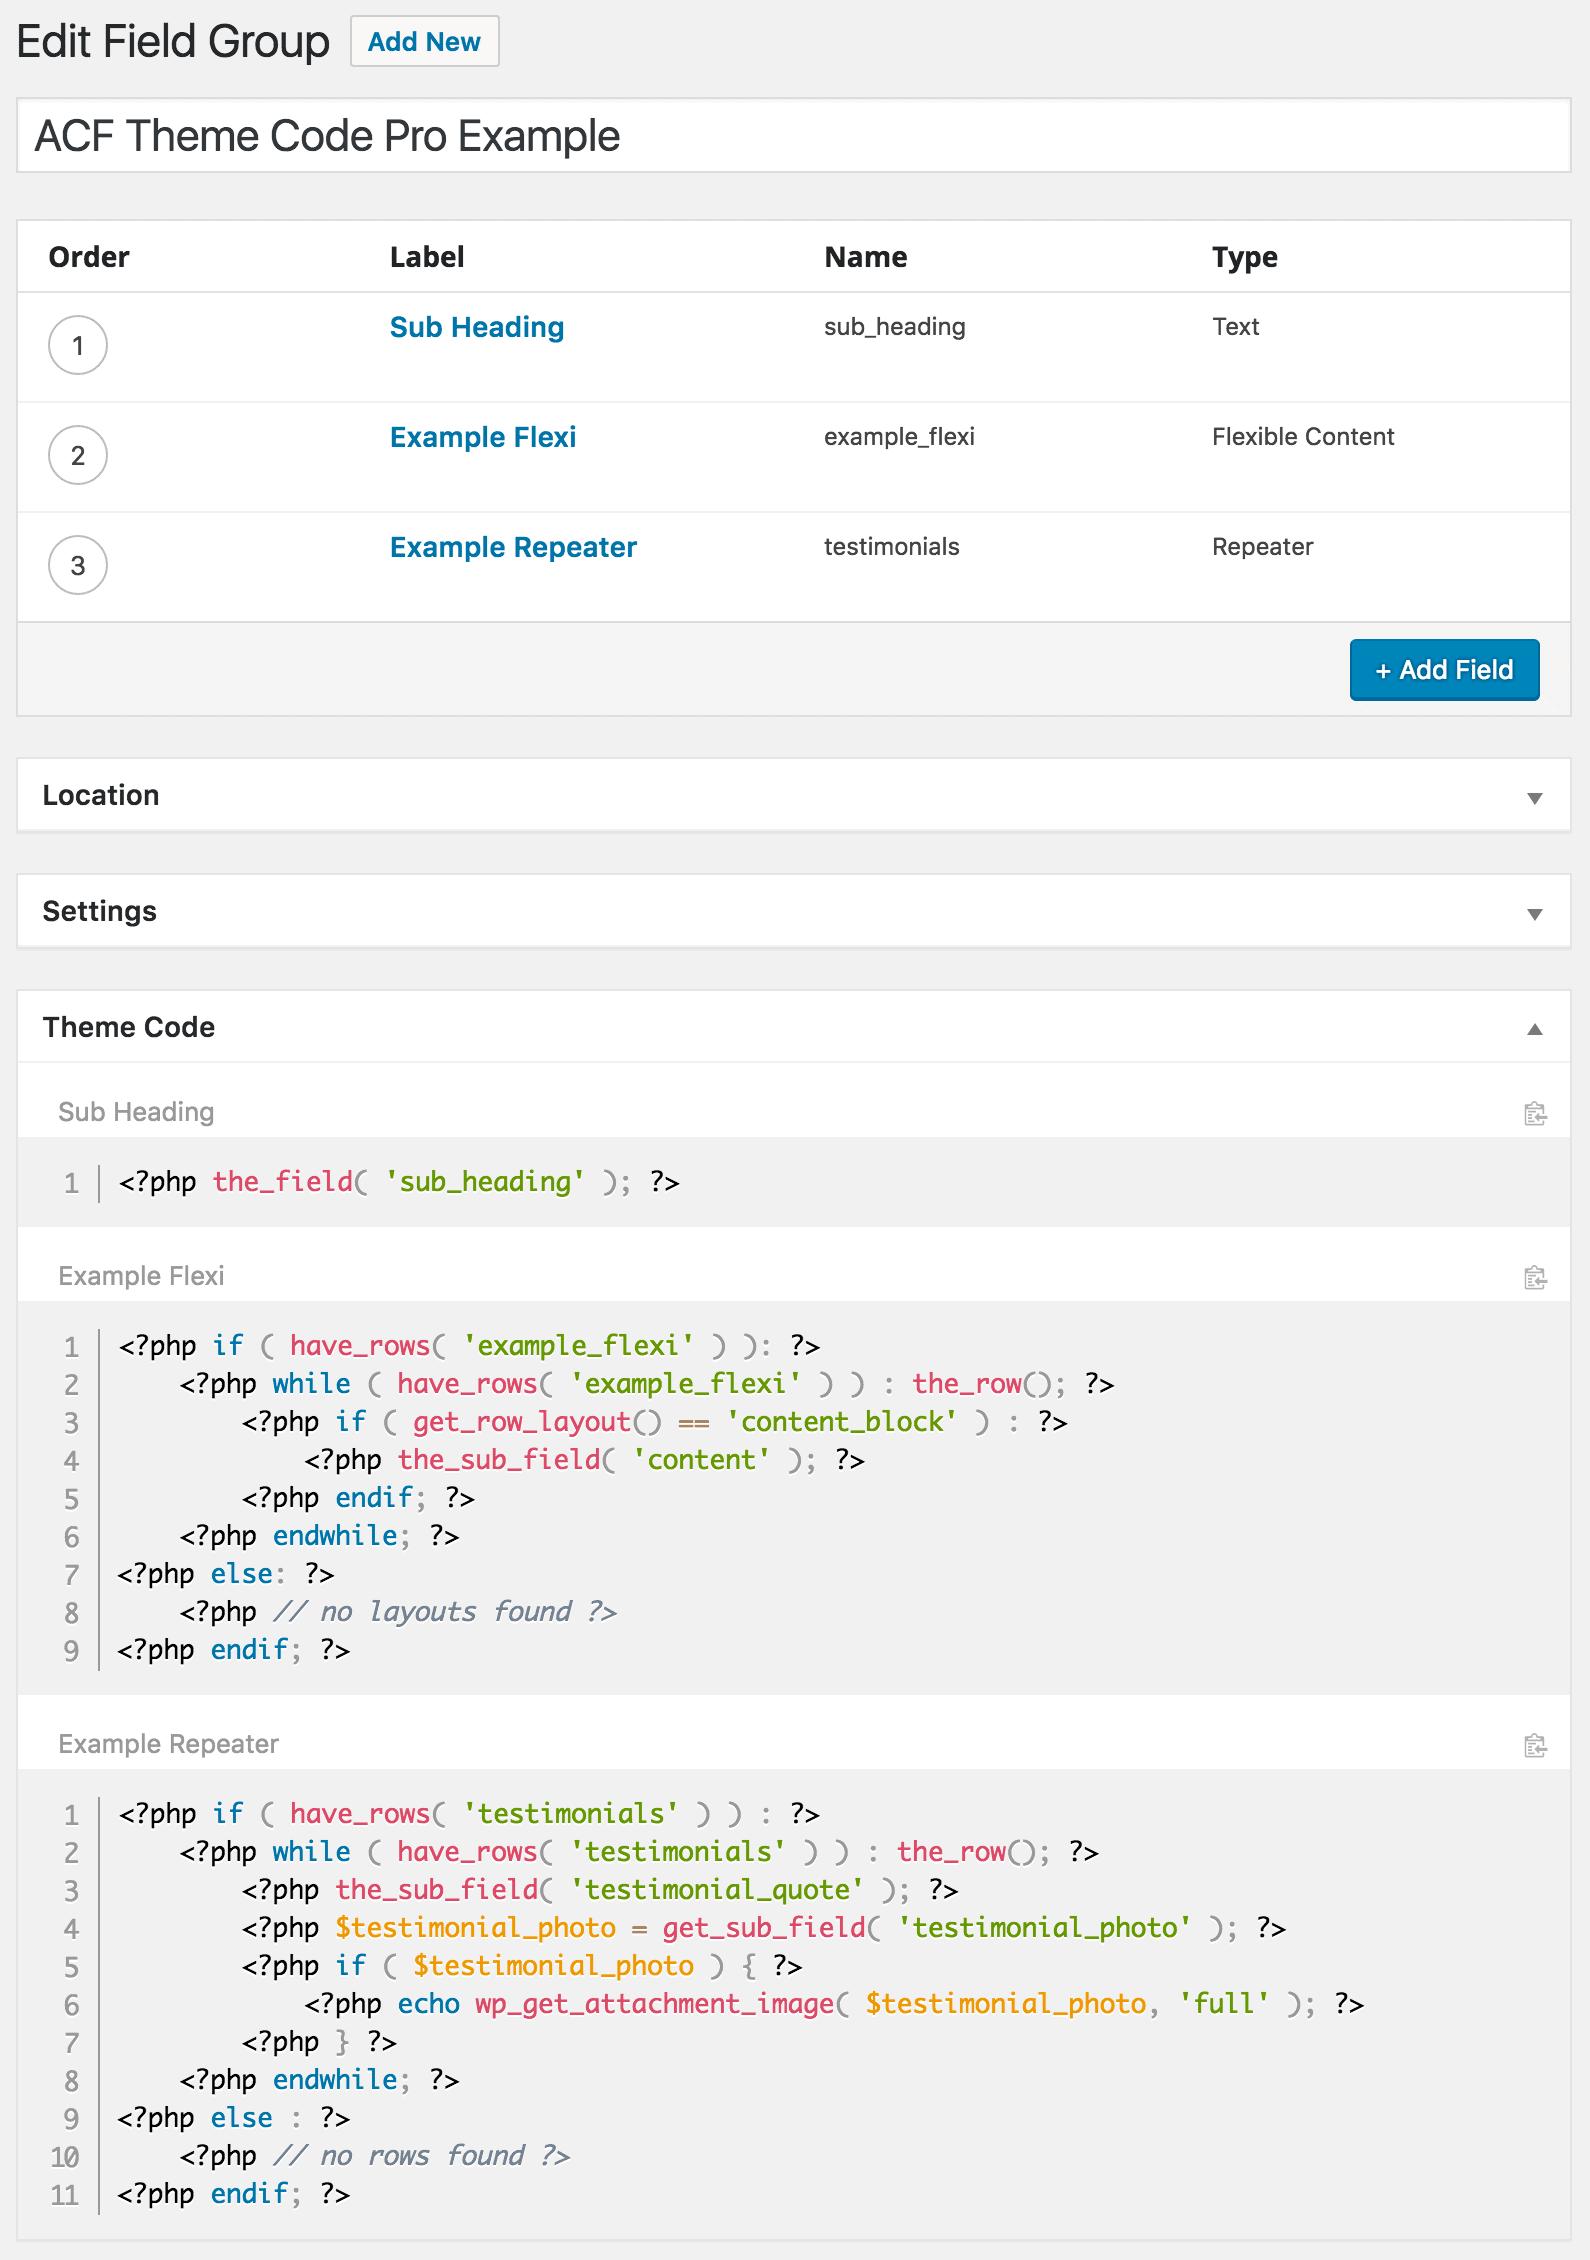 acf theme code pro example